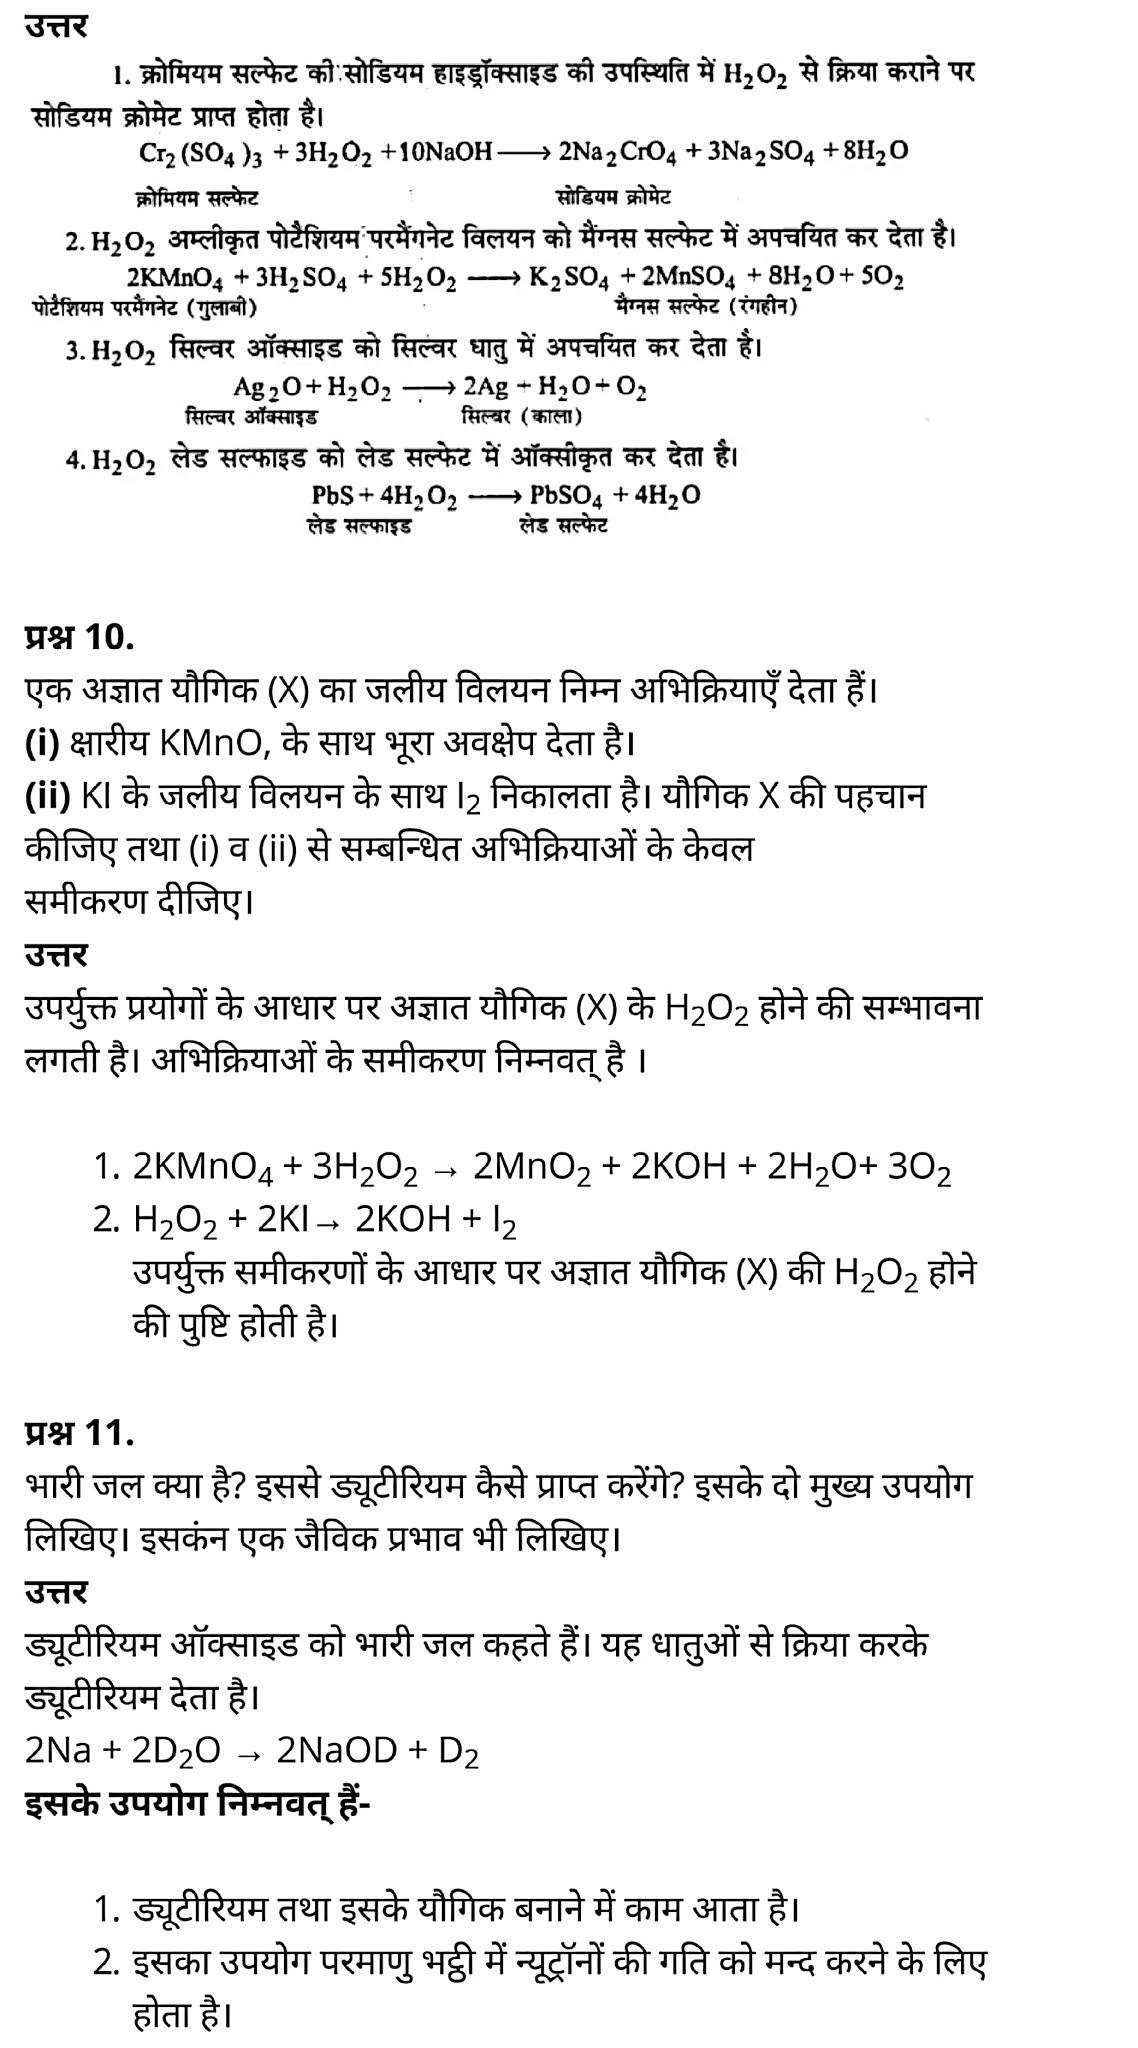 कक्षा 11 जीव विज्ञान अध्याय 9 के नोट्स हिंदी में एनसीईआरटी समाधान,   class 11 Biology Chapter 9,  class 11 Biology Chapter 9 ncert solutions in hindi,  class 11 Biology Chapter 9 notes in hindi,  class 11 Biology Chapter 9 question answer,  class 11 Biology Chapter 9 notes,  11   class Biology Chapter 9 in hindi,  class 11 Biology Chapter 9 in hindi,  class 11 Biology Chapter 9 important questions in hindi,  class 11 Biology notes in hindi,  class 11 Biology Chapter 9 test,  class 11 BiologyChapter 9 pdf,  class 11 Biology Chapter 9 notes pdf,  class 11 Biology Chapter 9 exercise solutions,  class 11 Biology Chapter 9, class 11 Biology Chapter 9 notes study rankers,  class 11 Biology Chapter 9 notes,  class 11 Biology notes,   Biology  class 11  notes pdf,  Biology class 11  notes 2021 ncert,  Biology class 11 pdf,  Biology  book,  Biology quiz class 11  ,   11  th Biology    book up board,  up board 11  th Biology notes,  कक्षा 11 जीव विज्ञान अध्याय 9, कक्षा 11 जीव विज्ञान का अध्याय 9 ncert solution in hindi, कक्षा 11 जीव विज्ञान के अध्याय 9 के नोट्स हिंदी में, कक्षा 11 का जीव विज्ञानअध्याय 9 का प्रश्न उत्तर, कक्षा 11 जीव विज्ञान अध्याय 9के नोट्स, 11 कक्षा जीव विज्ञान अध्याय 9 हिंदी में,कक्षा 11 जीव विज्ञान अध्याय 9 हिंदी में, कक्षा 11 जीव विज्ञान अध्याय 9 महत्वपूर्ण प्रश्न हिंदी में,कक्षा 11 के जीव विज्ञानके नोट्स हिंदी में,जीव विज्ञान कक्षा 11 नोट्स pdf,